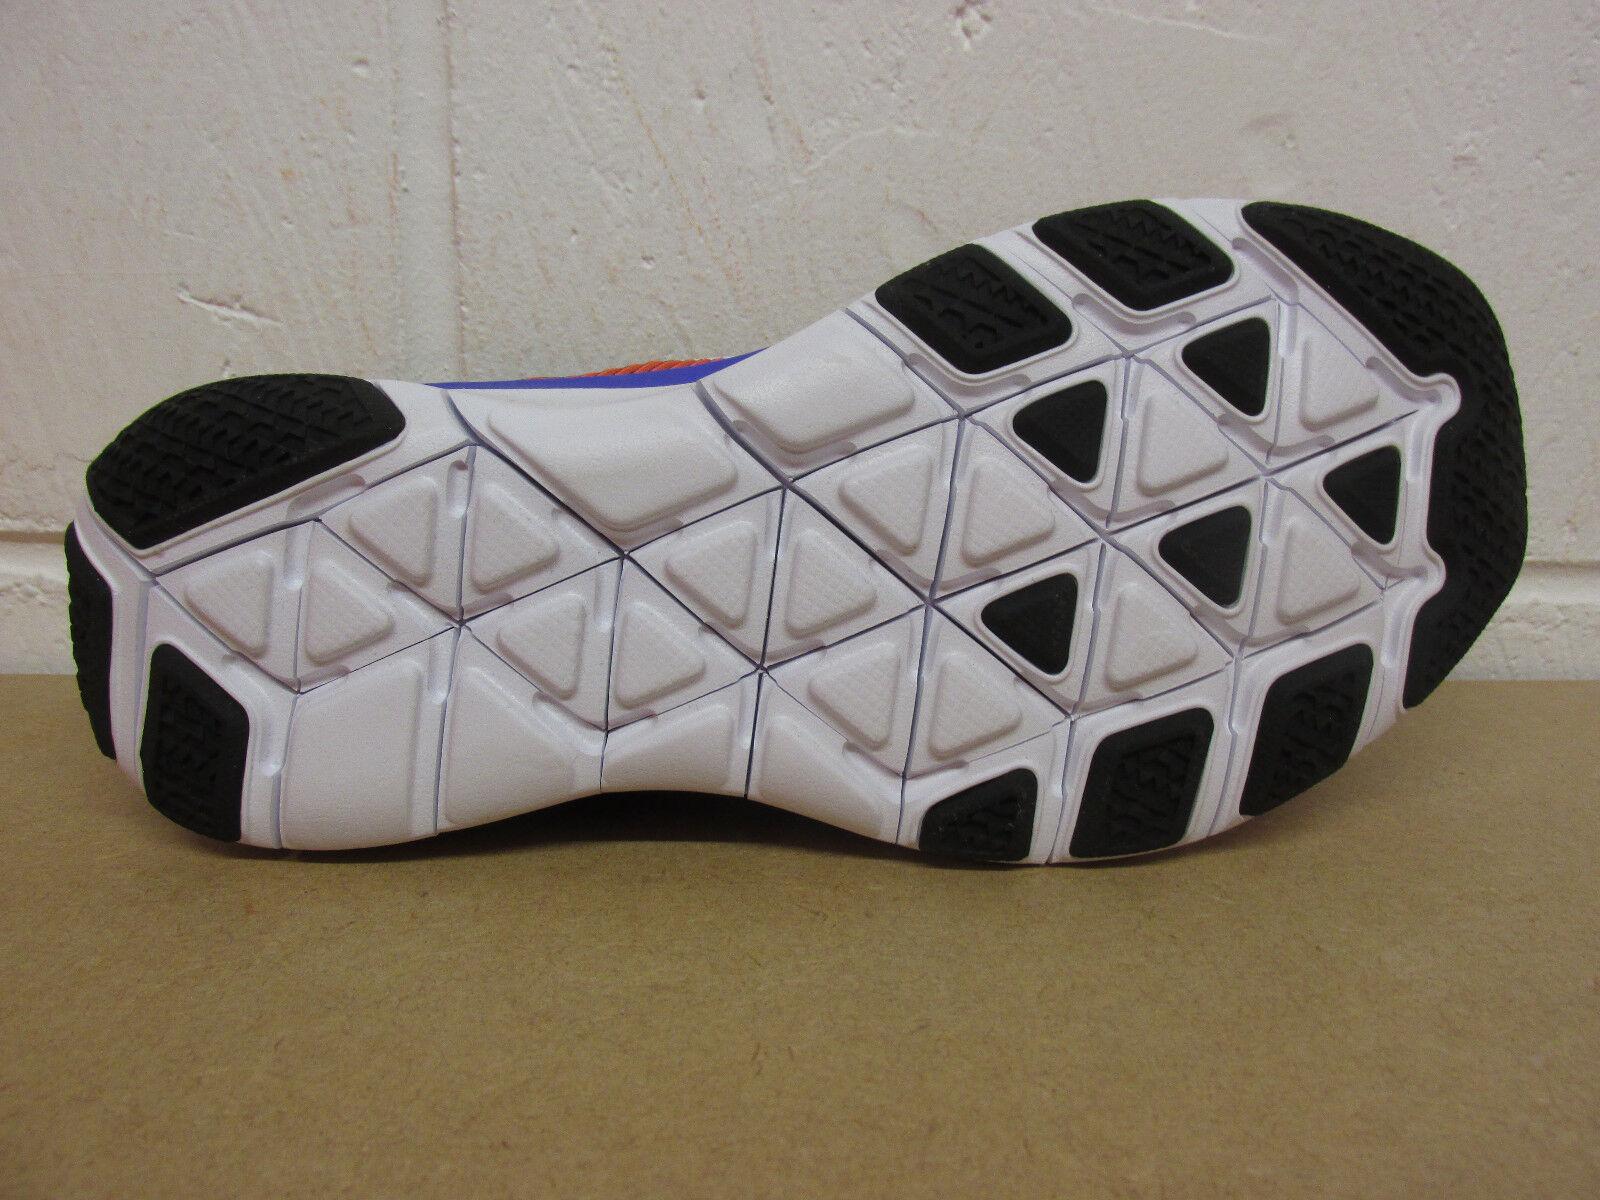 nike free trainer zug vielseitigkeit mens läuft trainer free 833258 016 sneakers, schuhe 899871